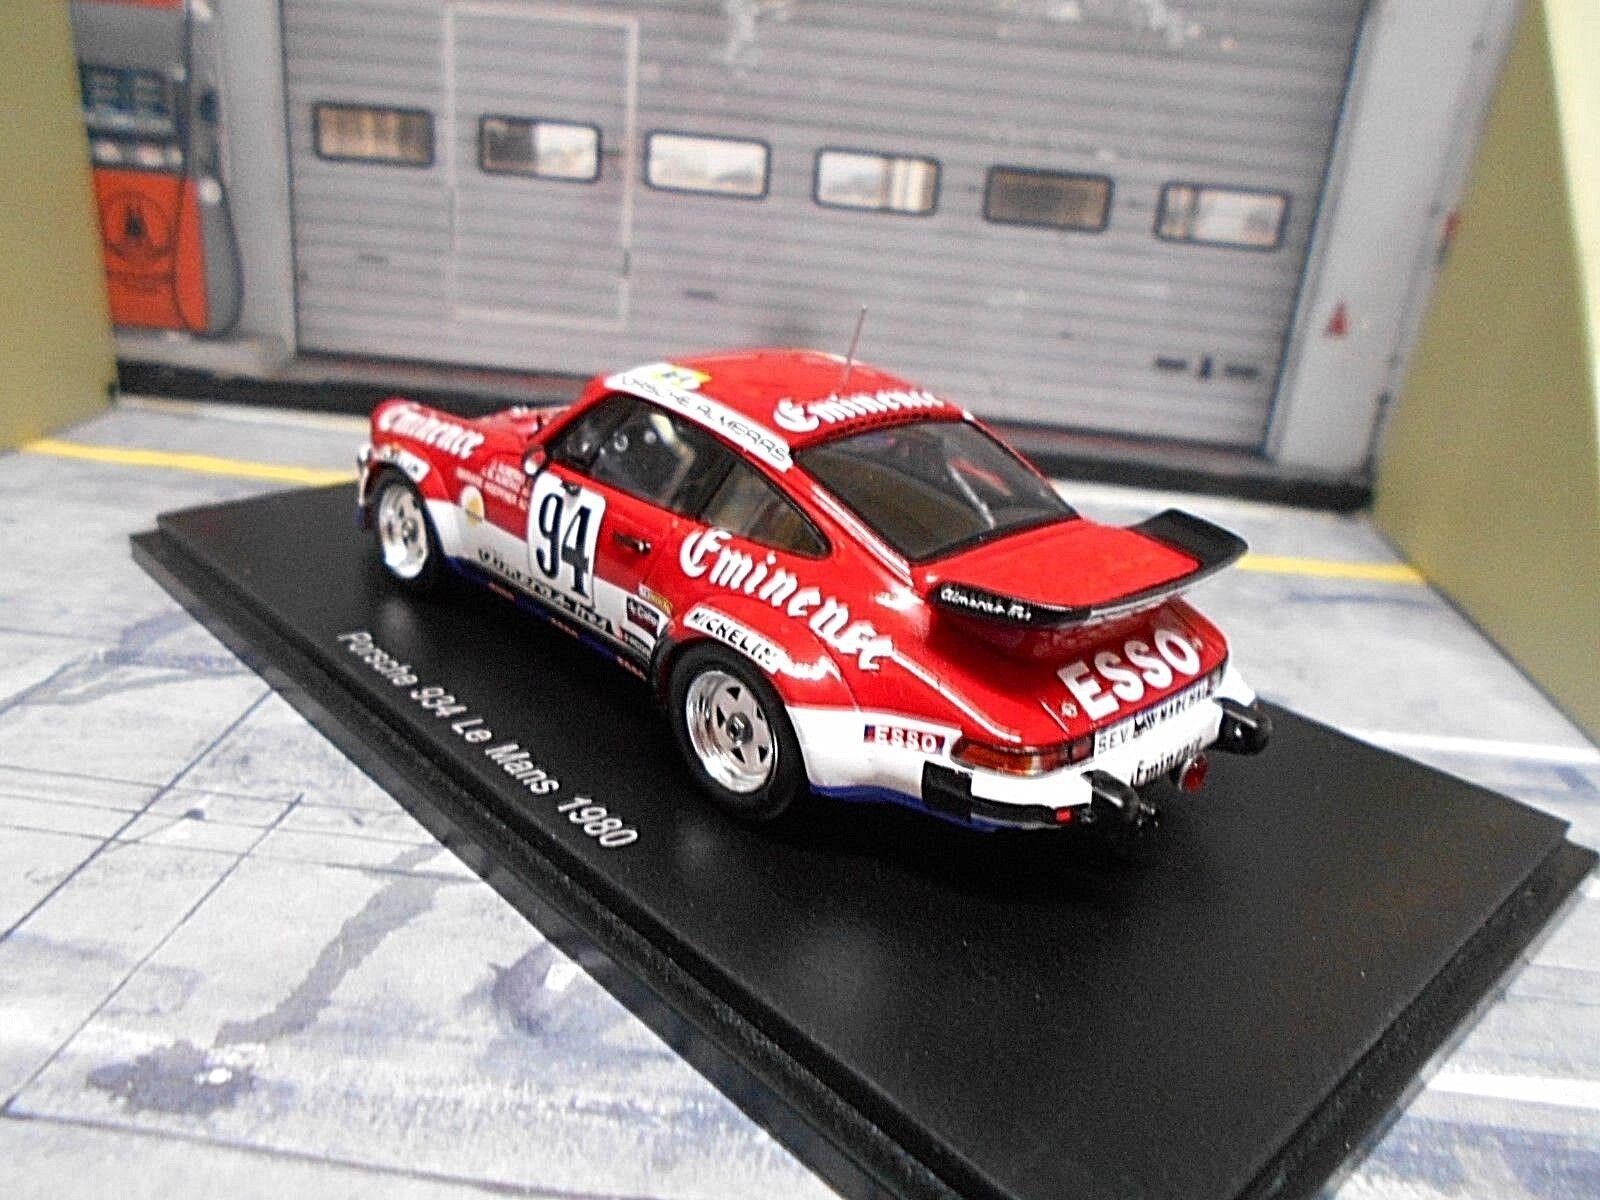 PORSCHE 911 934 Turbo Le Le Le Mans 1980  94 Almeras Hoepfner Eminence Esso Spark 1 43 5479d7